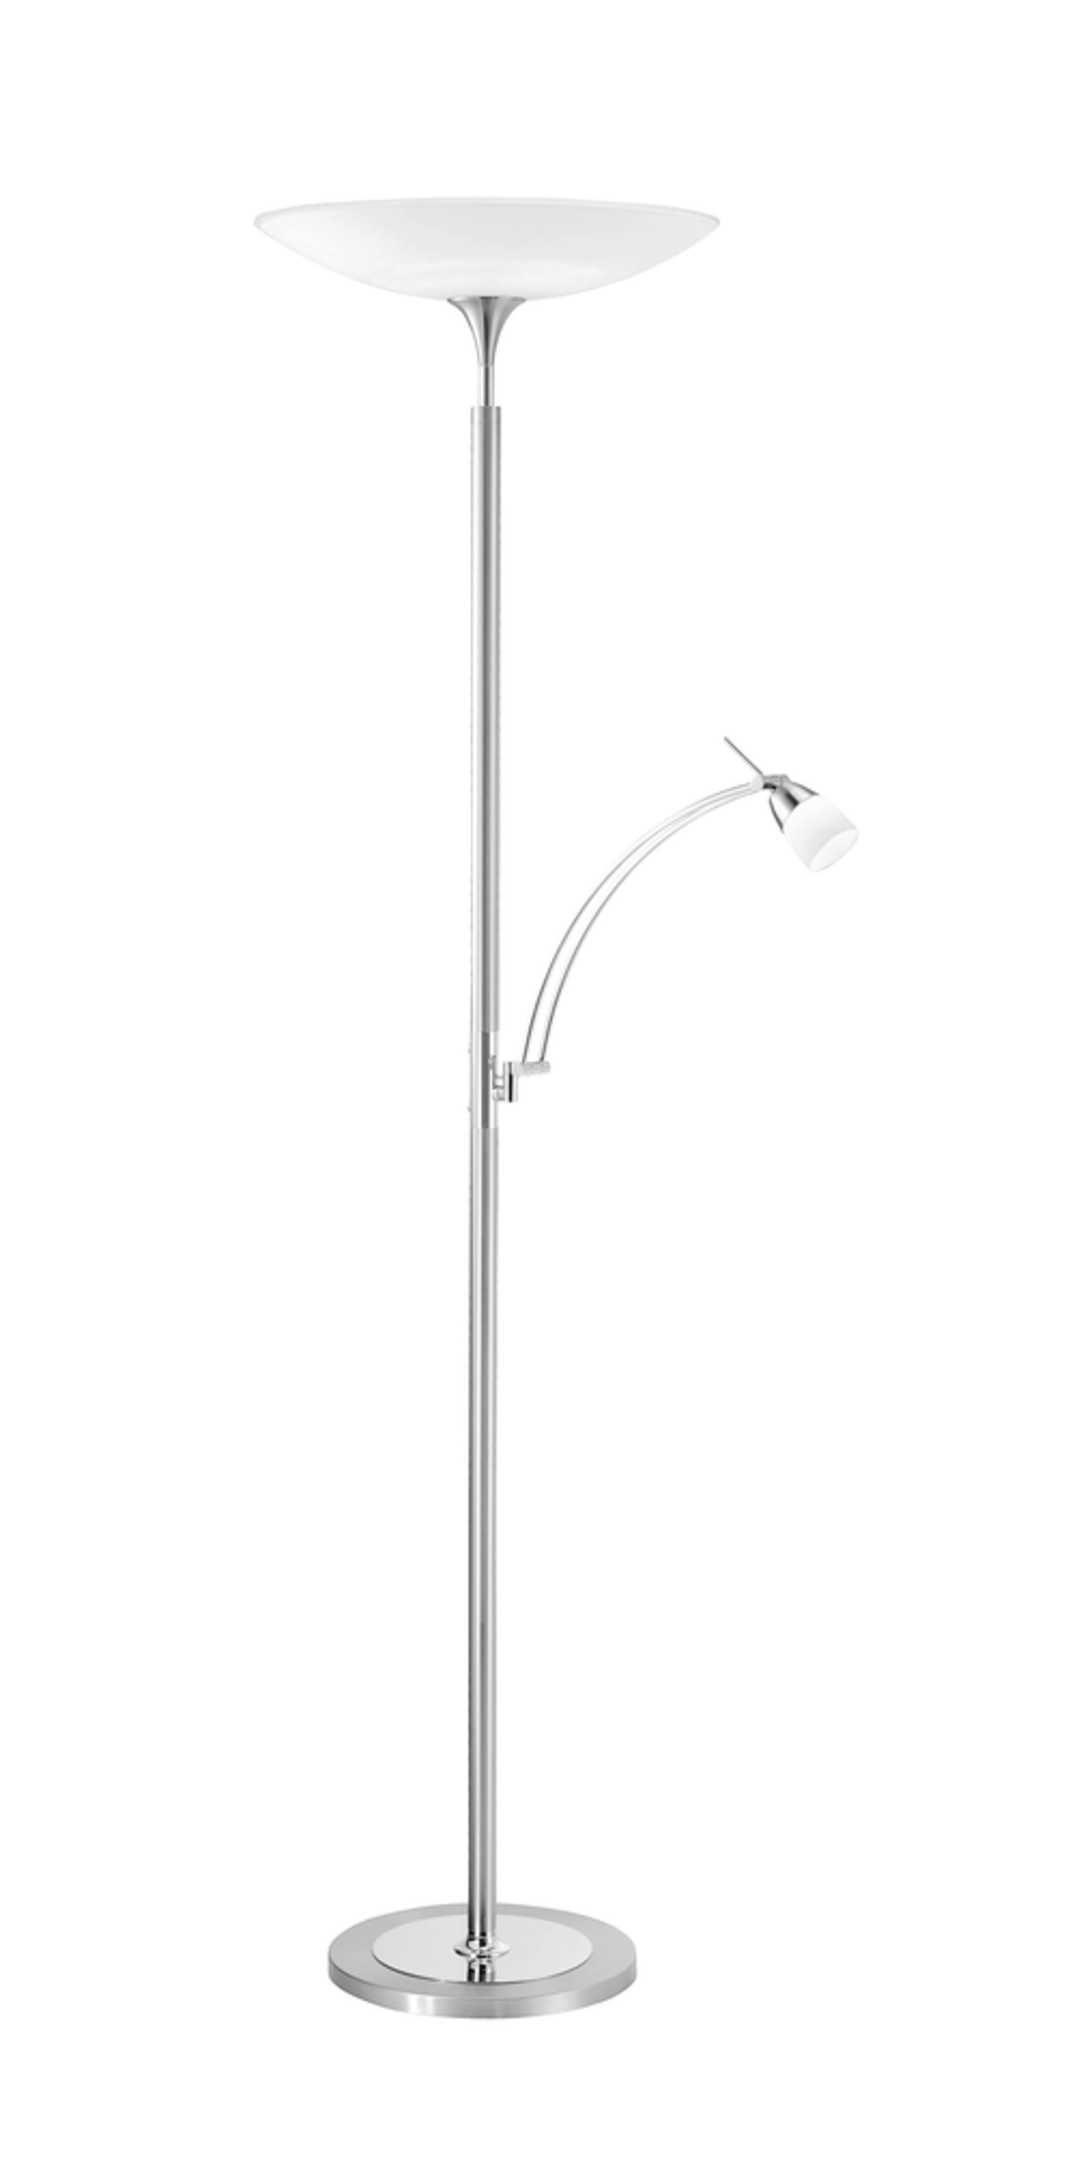 Wohnland Breitwieser , Suchergebnis für lampen, näve, LED ...